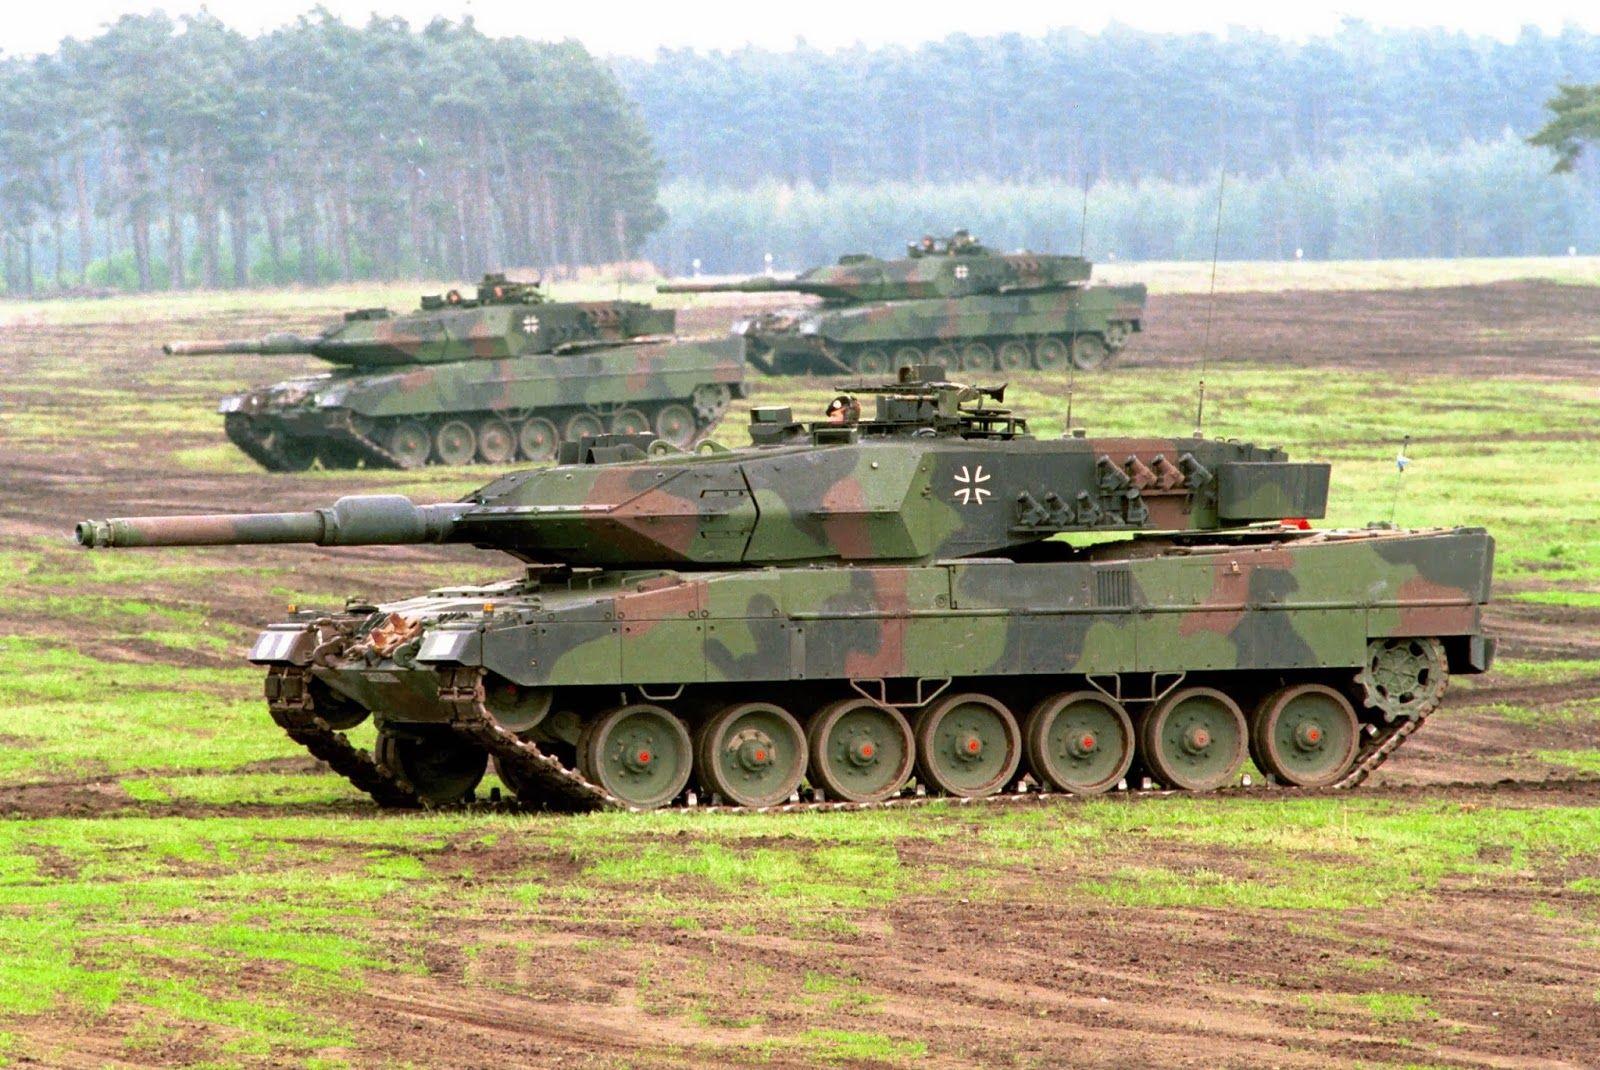 Танки, артиллерия и 28 000 военных: Украина совместно с НАТО начала масштабные маневры Defender Europe-21